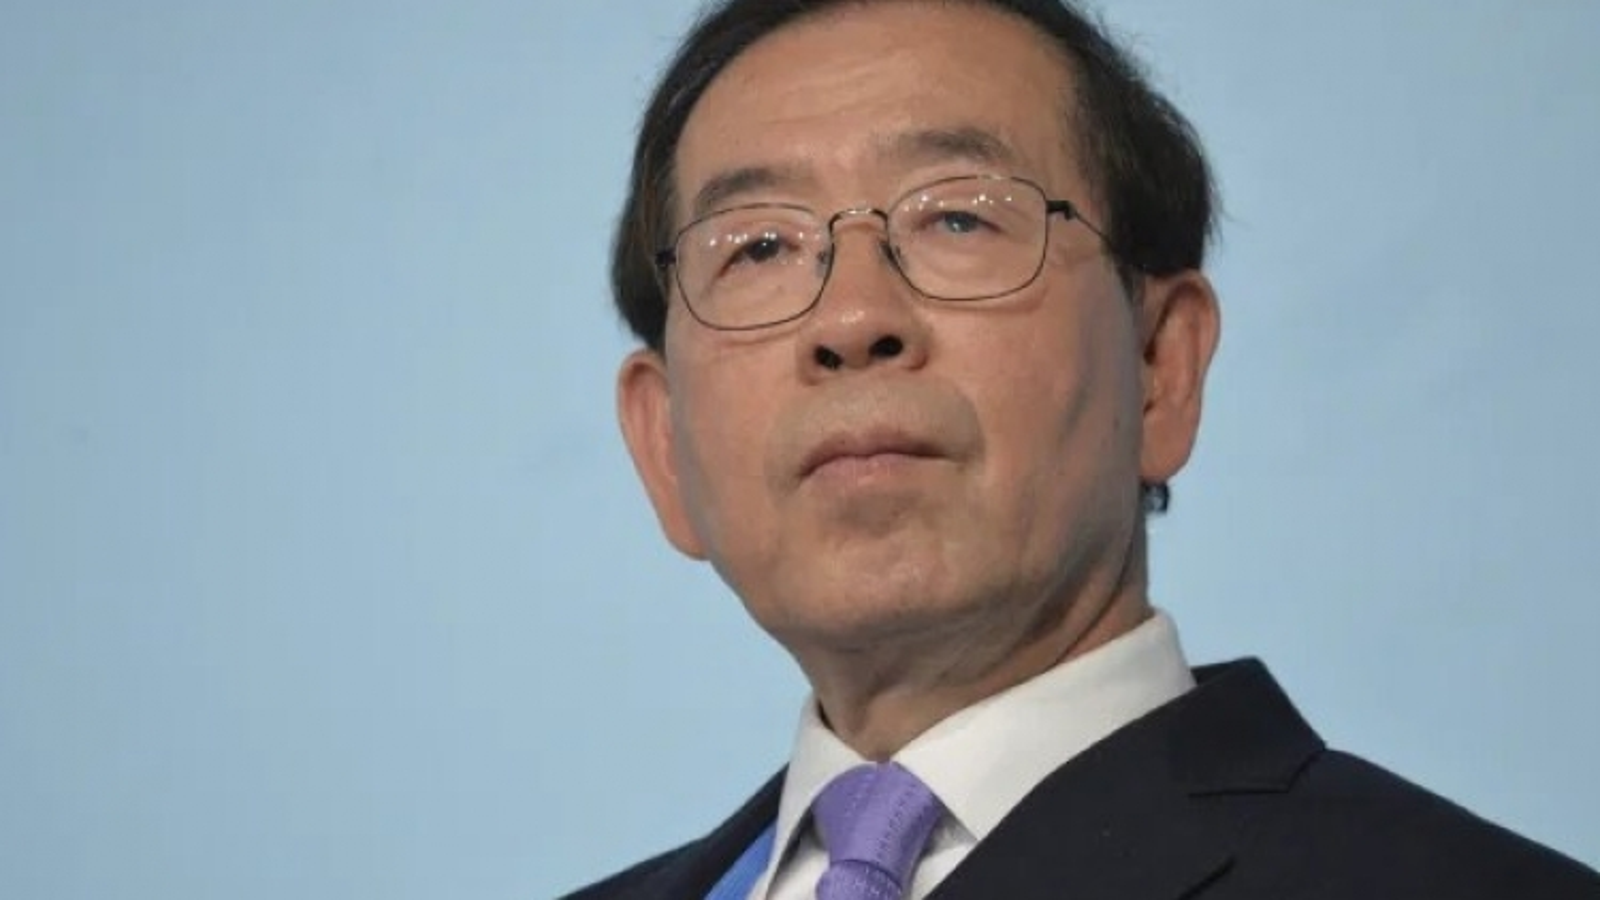 Cảnh sát Hàn Quốc bẻ khóa iPhone làm rõ cái chết của thị trưởng Seoul